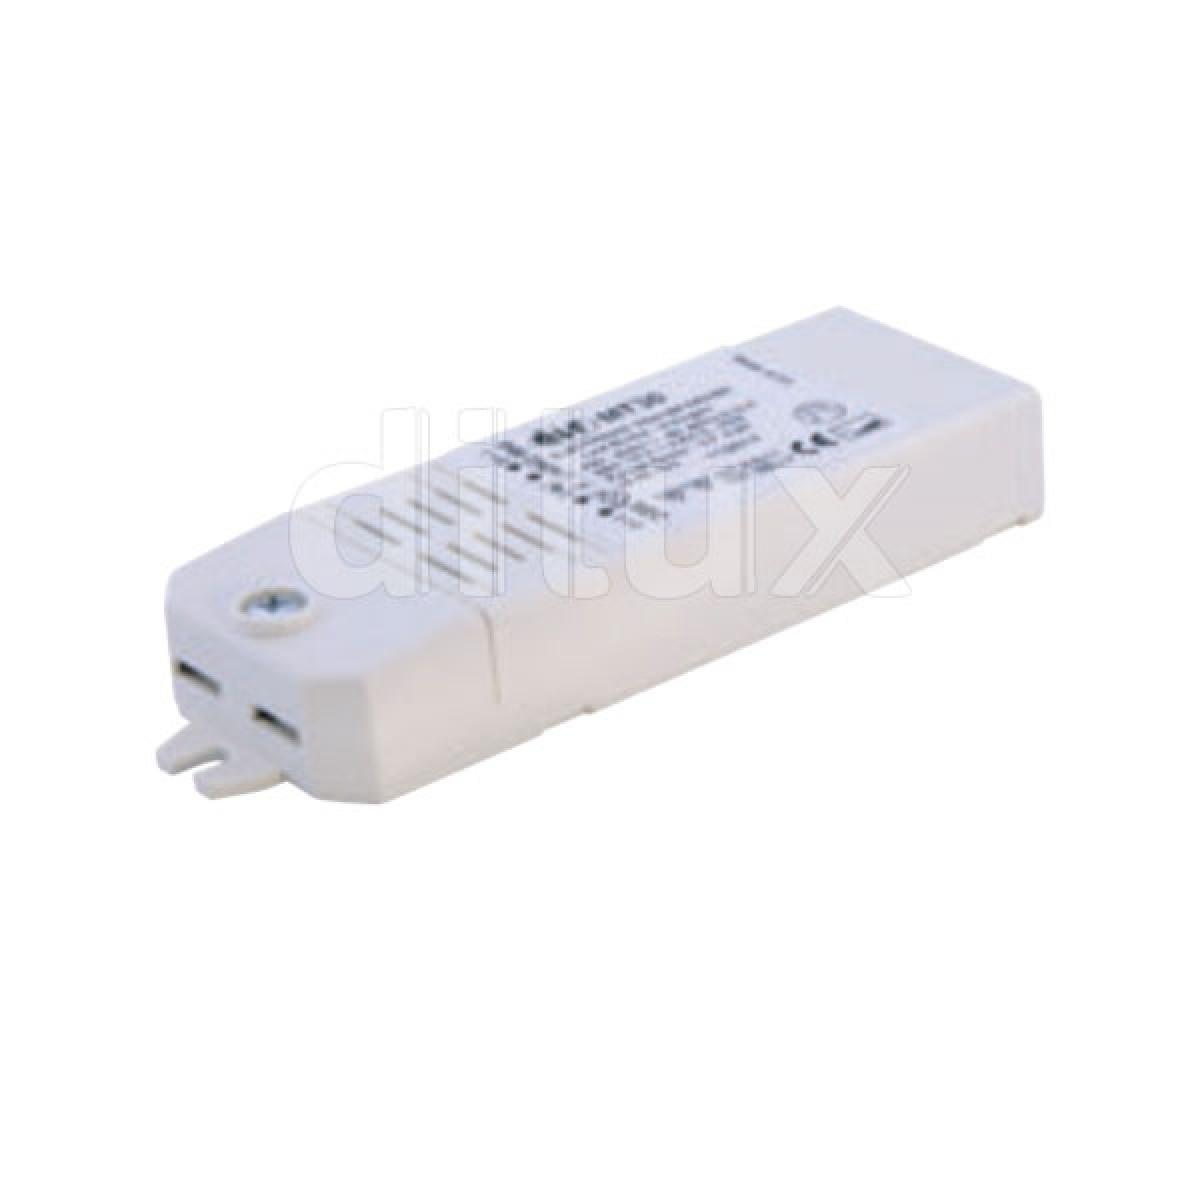 Trasformatore per lampadine led 12v 0 30w for Alimentatori per led